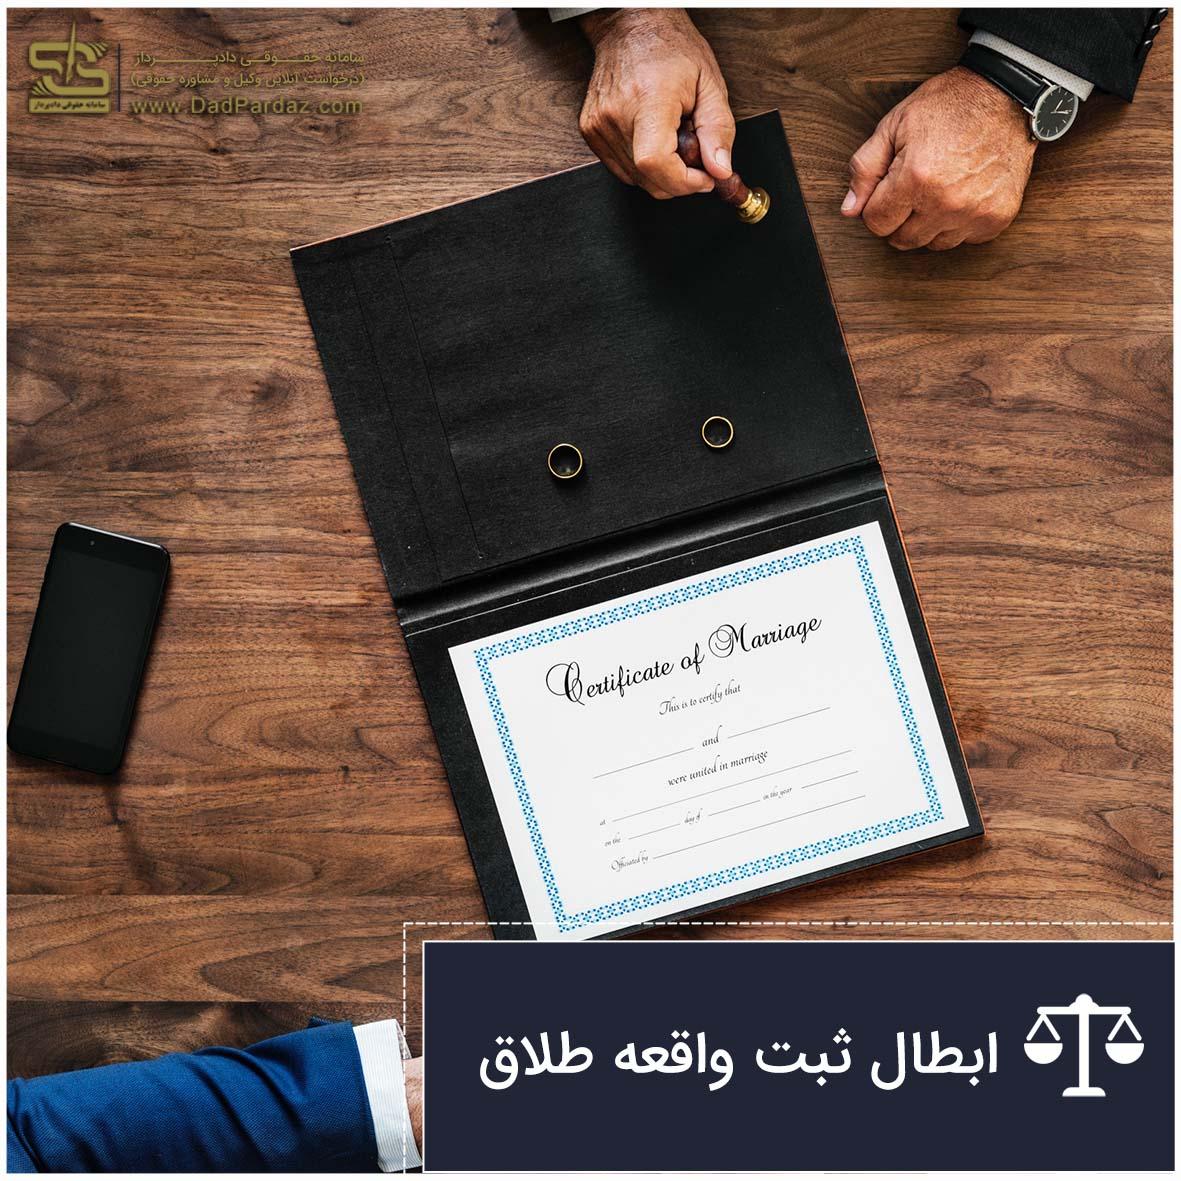 ابطال ثبت واقعه طلاق